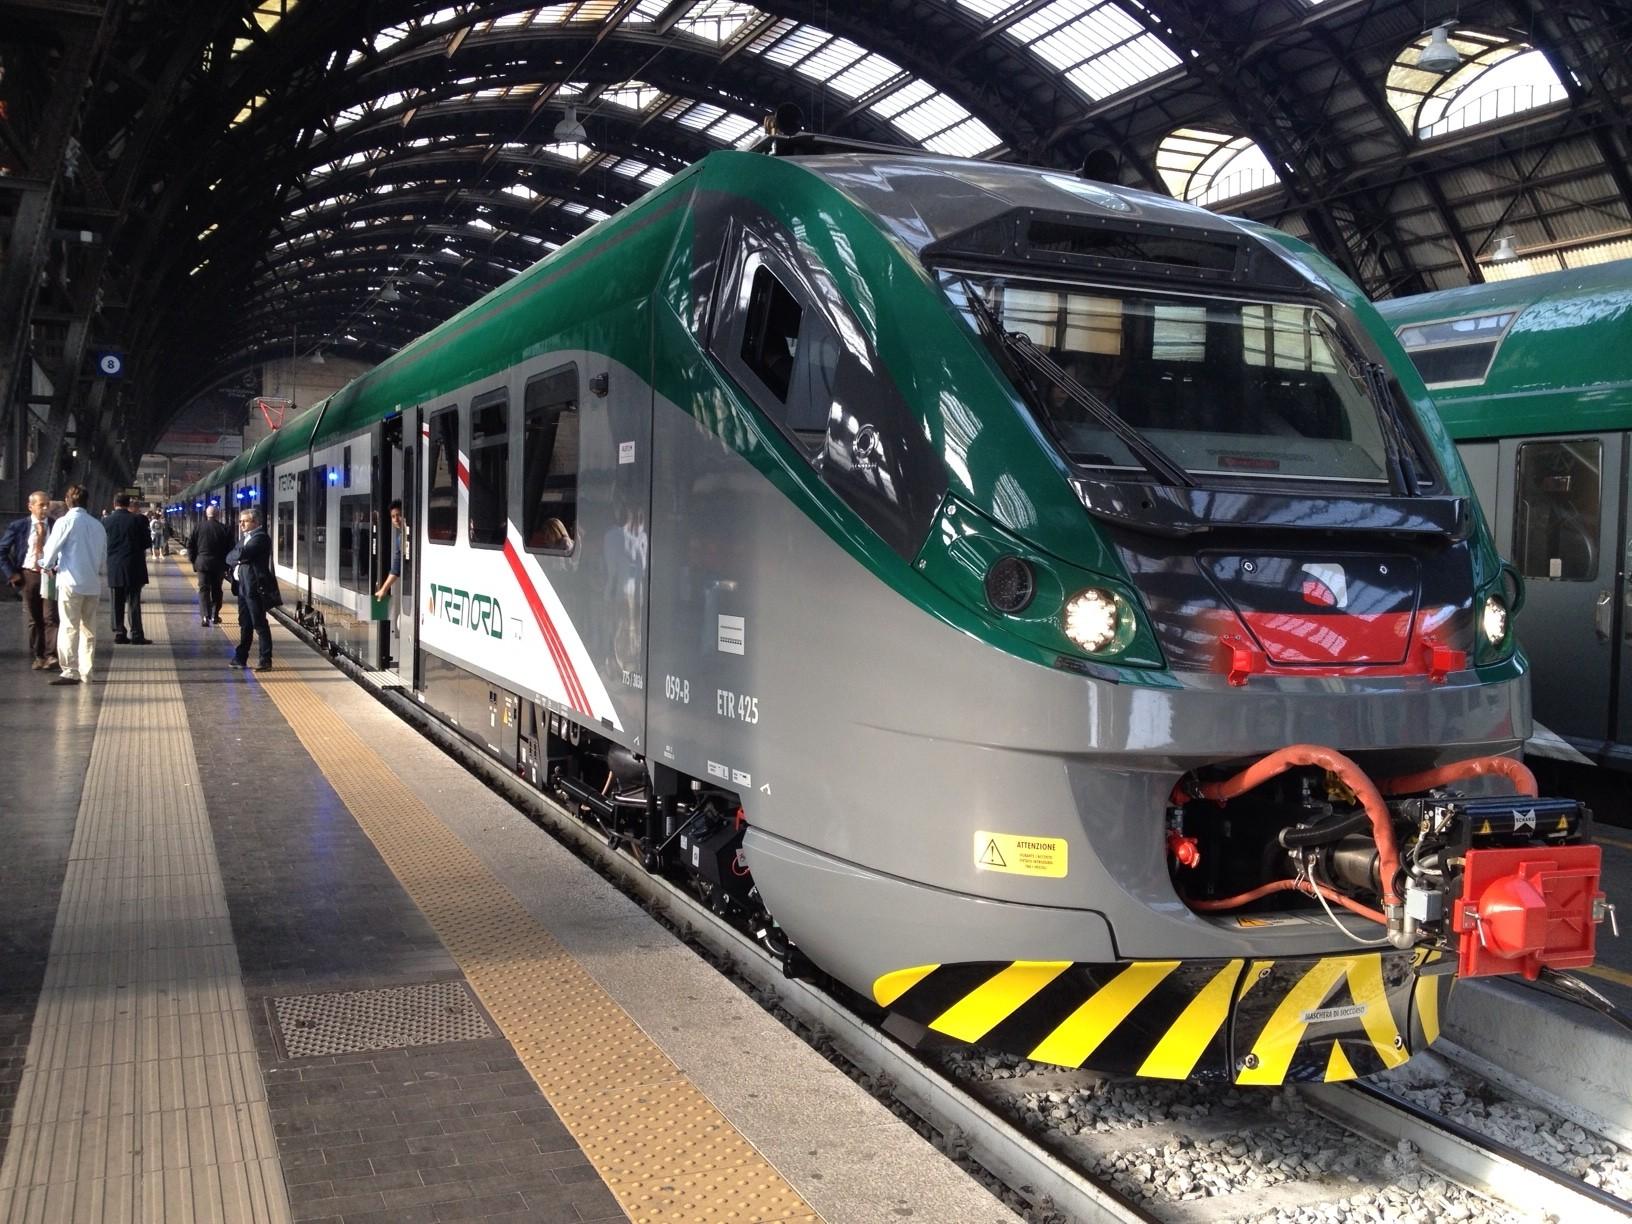 L'ETR425 Coradia Meridian di Trenord in servizio lungo la linea della Valtellina Milano-Sondrio-Tirano - Foto Trenord